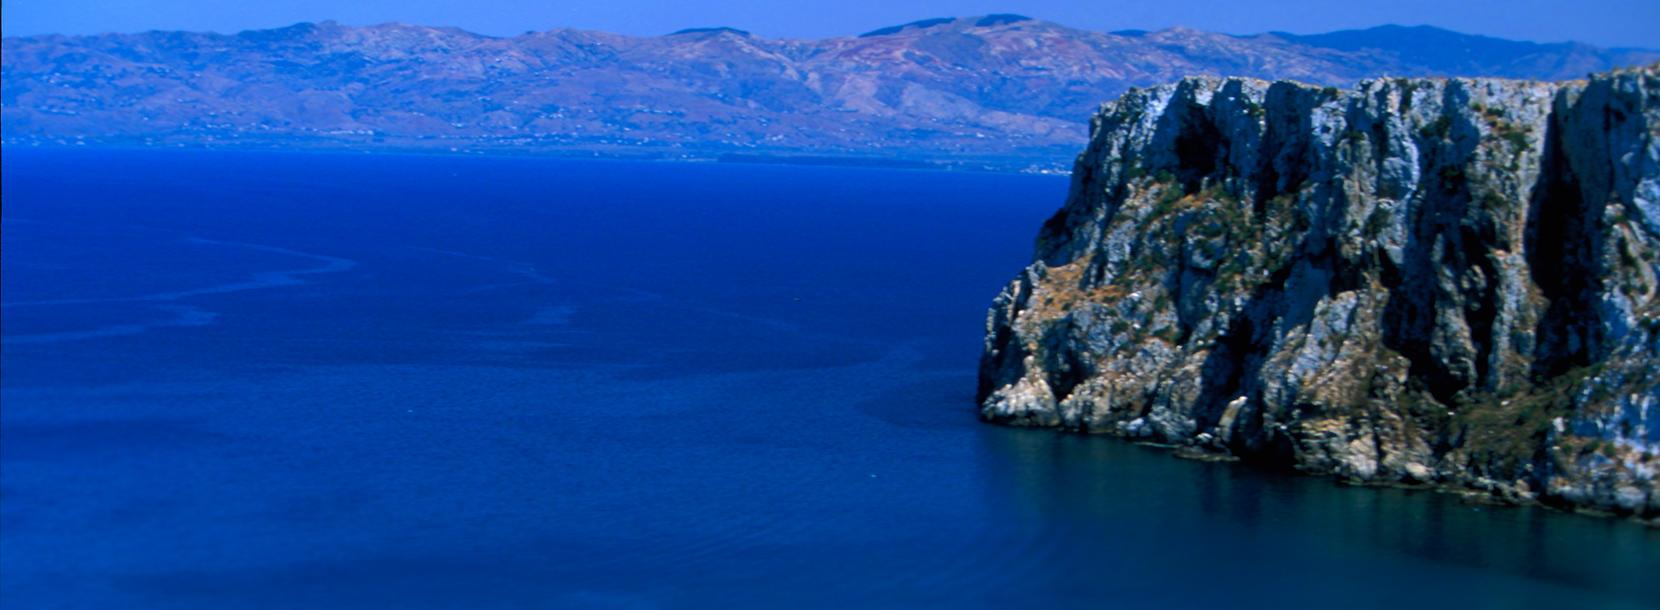 Насладитесь райским отдыхом в Эль-Хосейме!